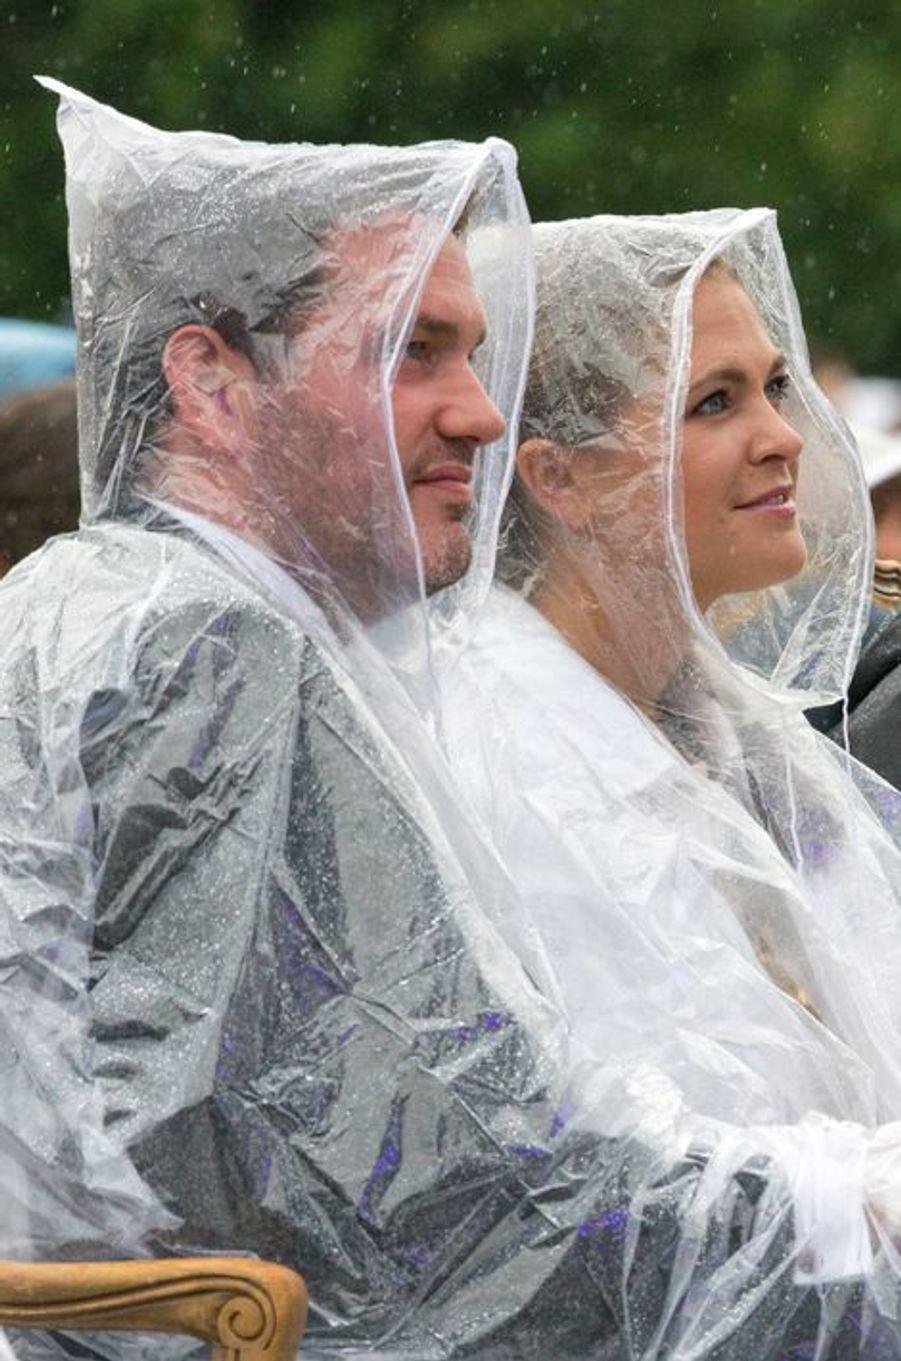 Madeleine de Suède et son mari transformés en Schtroumpfs à Borgholm, le 14 juillet 2014